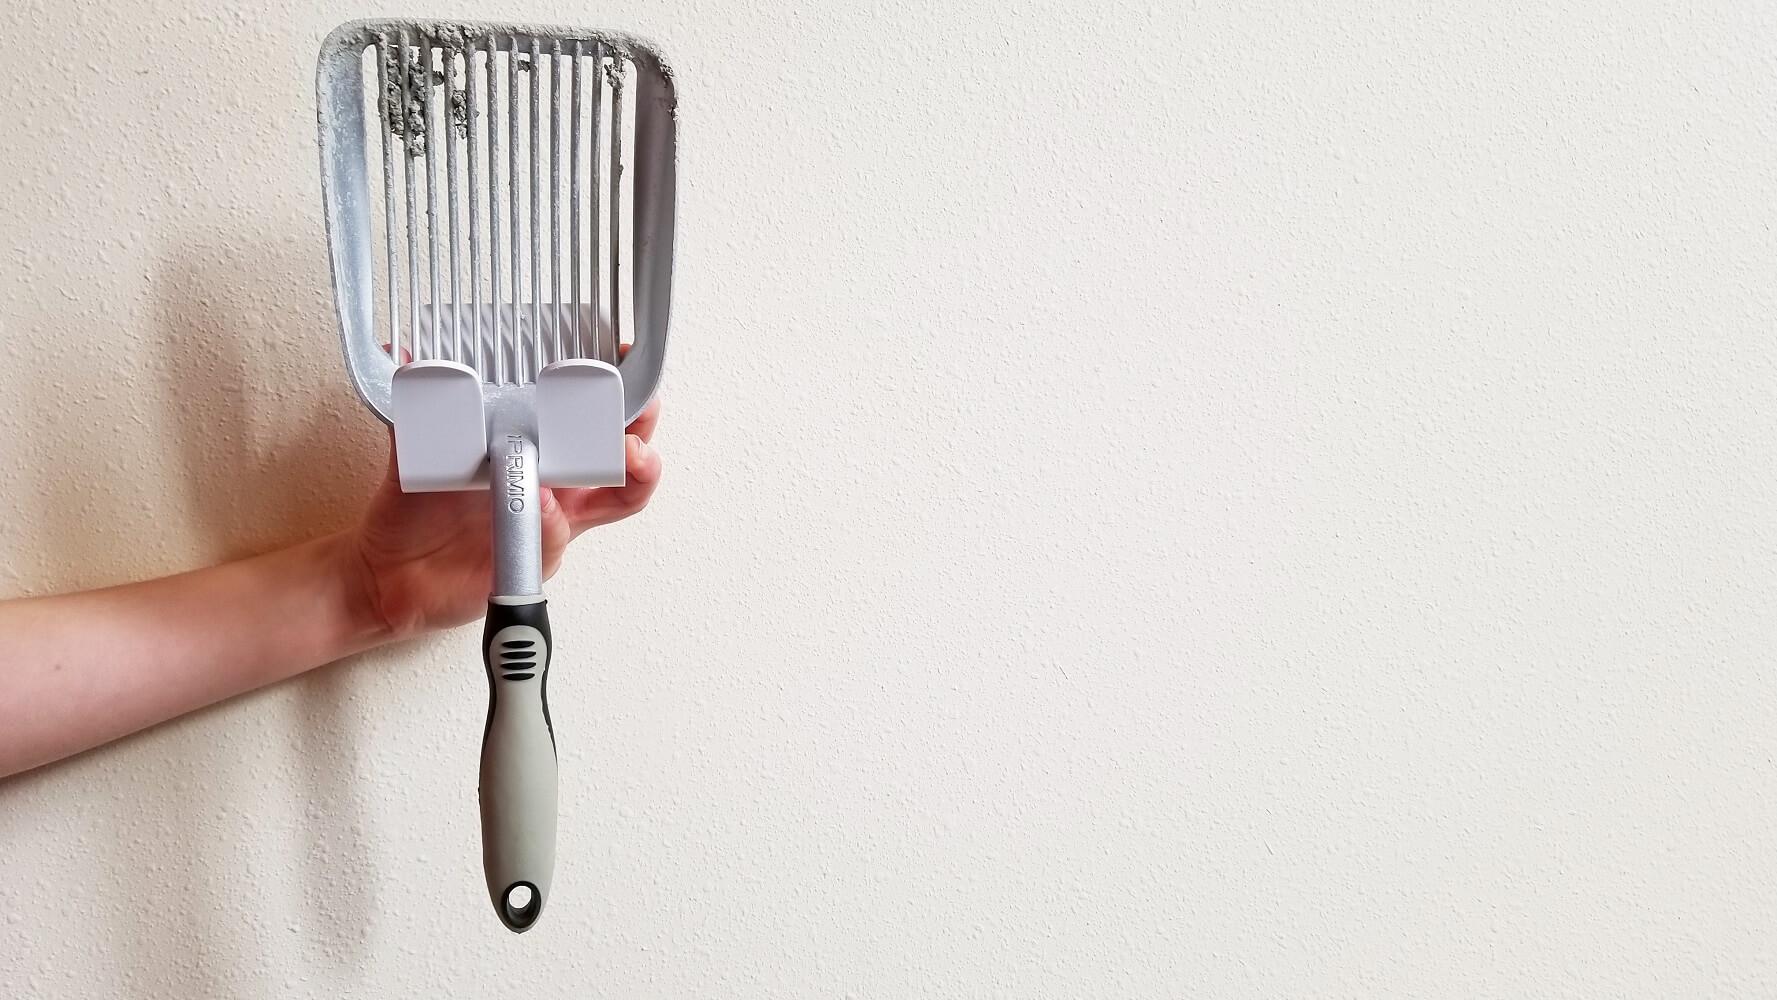 iPrimio litter scoop hanger